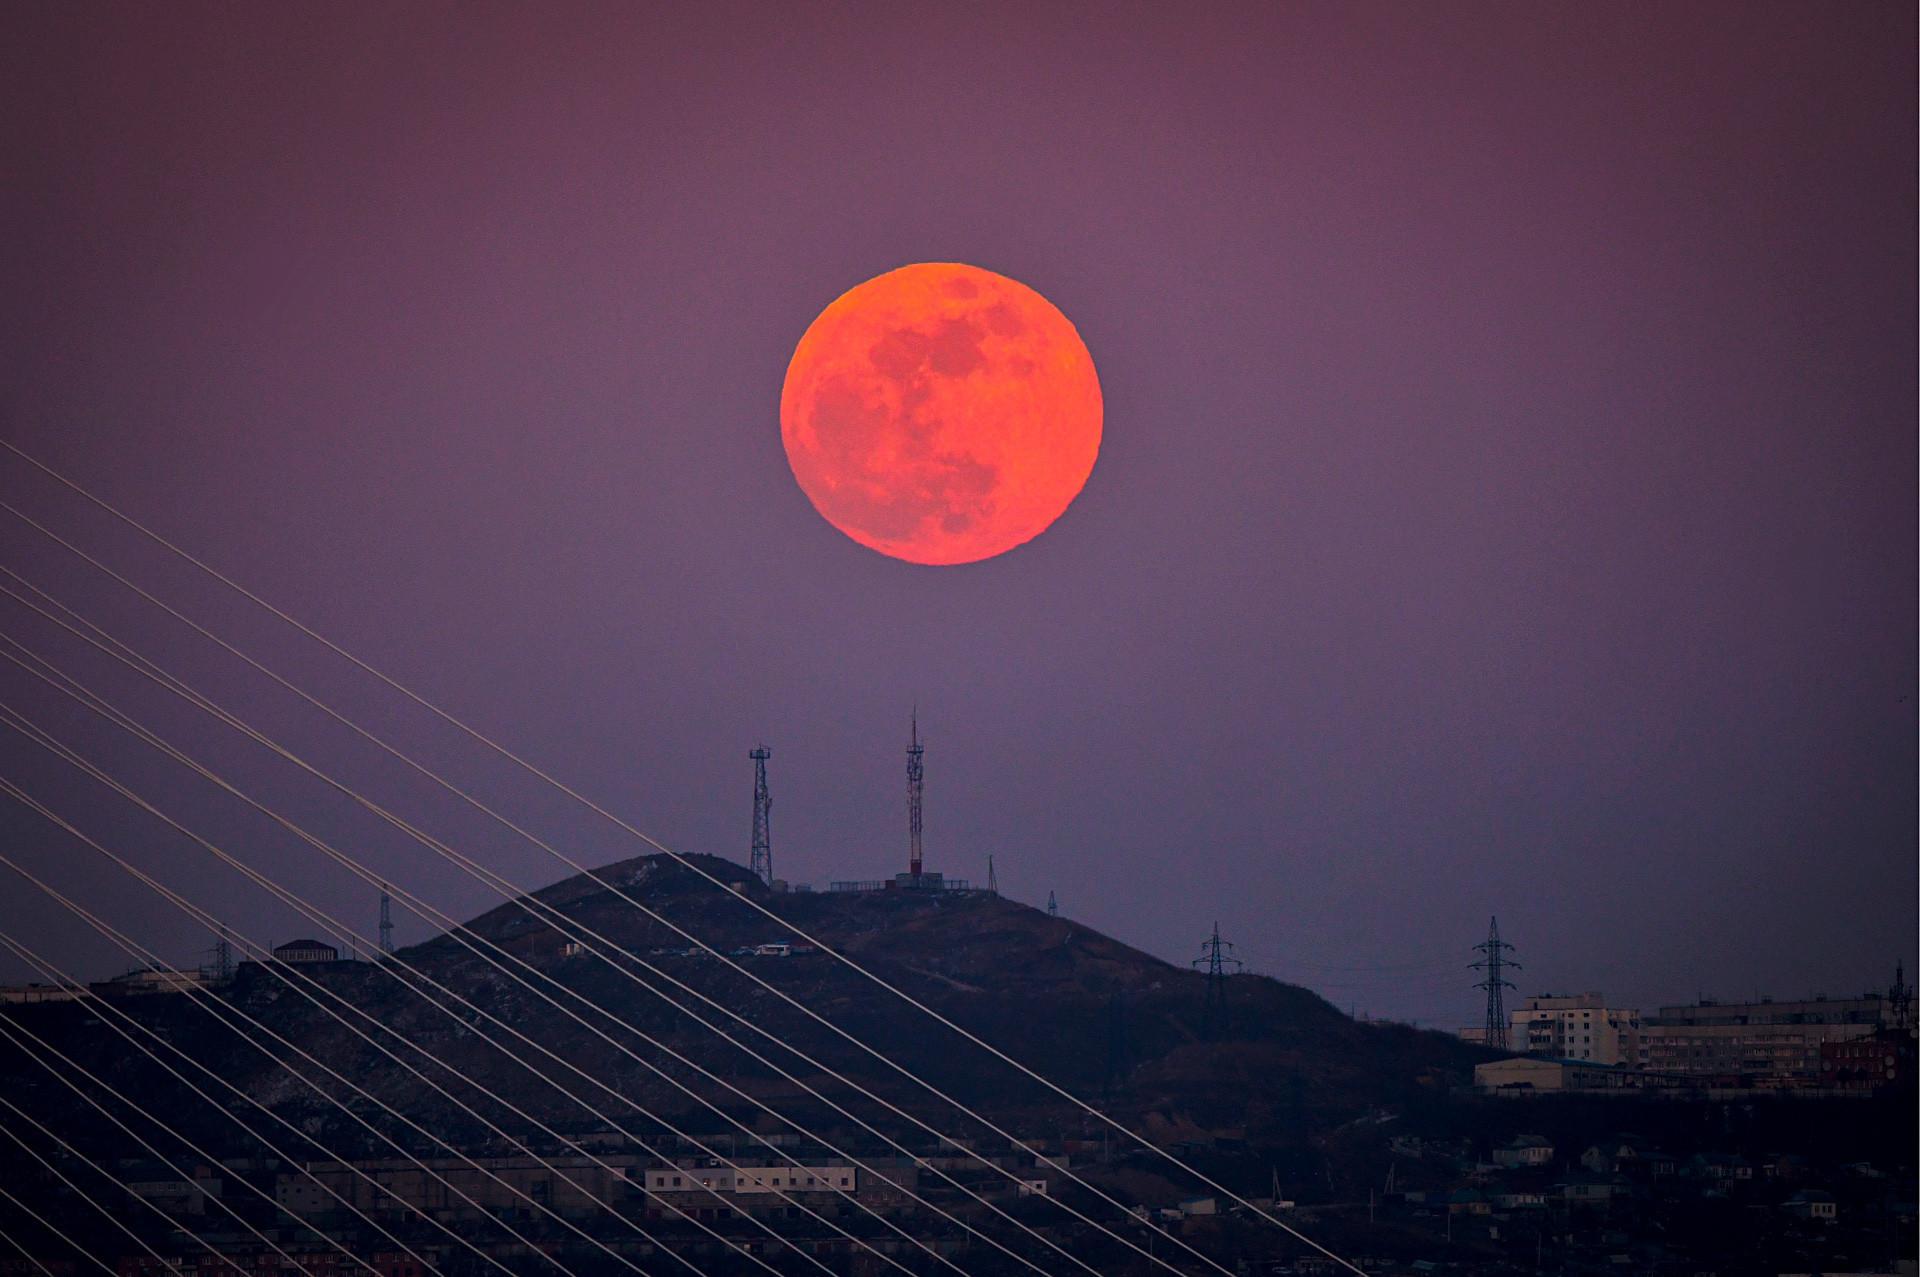 Vladivostok, Rusia: Bulan purnama merah terbit di atas bukit kota Vladivostok di Timur Jauh Rusia, sementara bulan biru, bulan super, dan gerhana bulan total terjadi di saat yang sama.